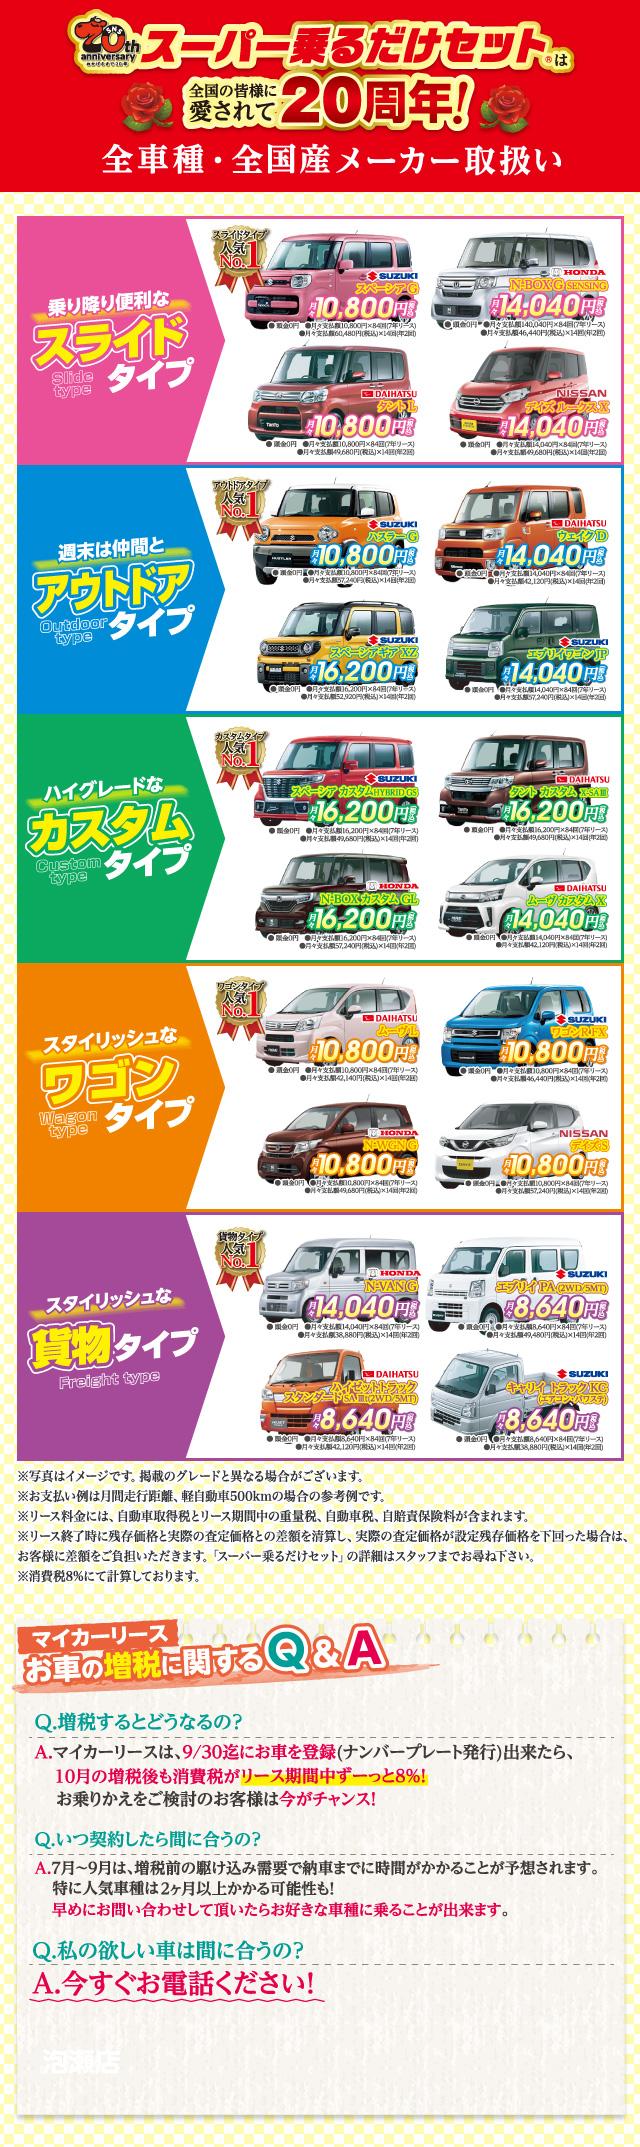 スーパー乗るだけセットは皆様に愛されて20周年 全車種・全国産メーカーを取り扱っております。